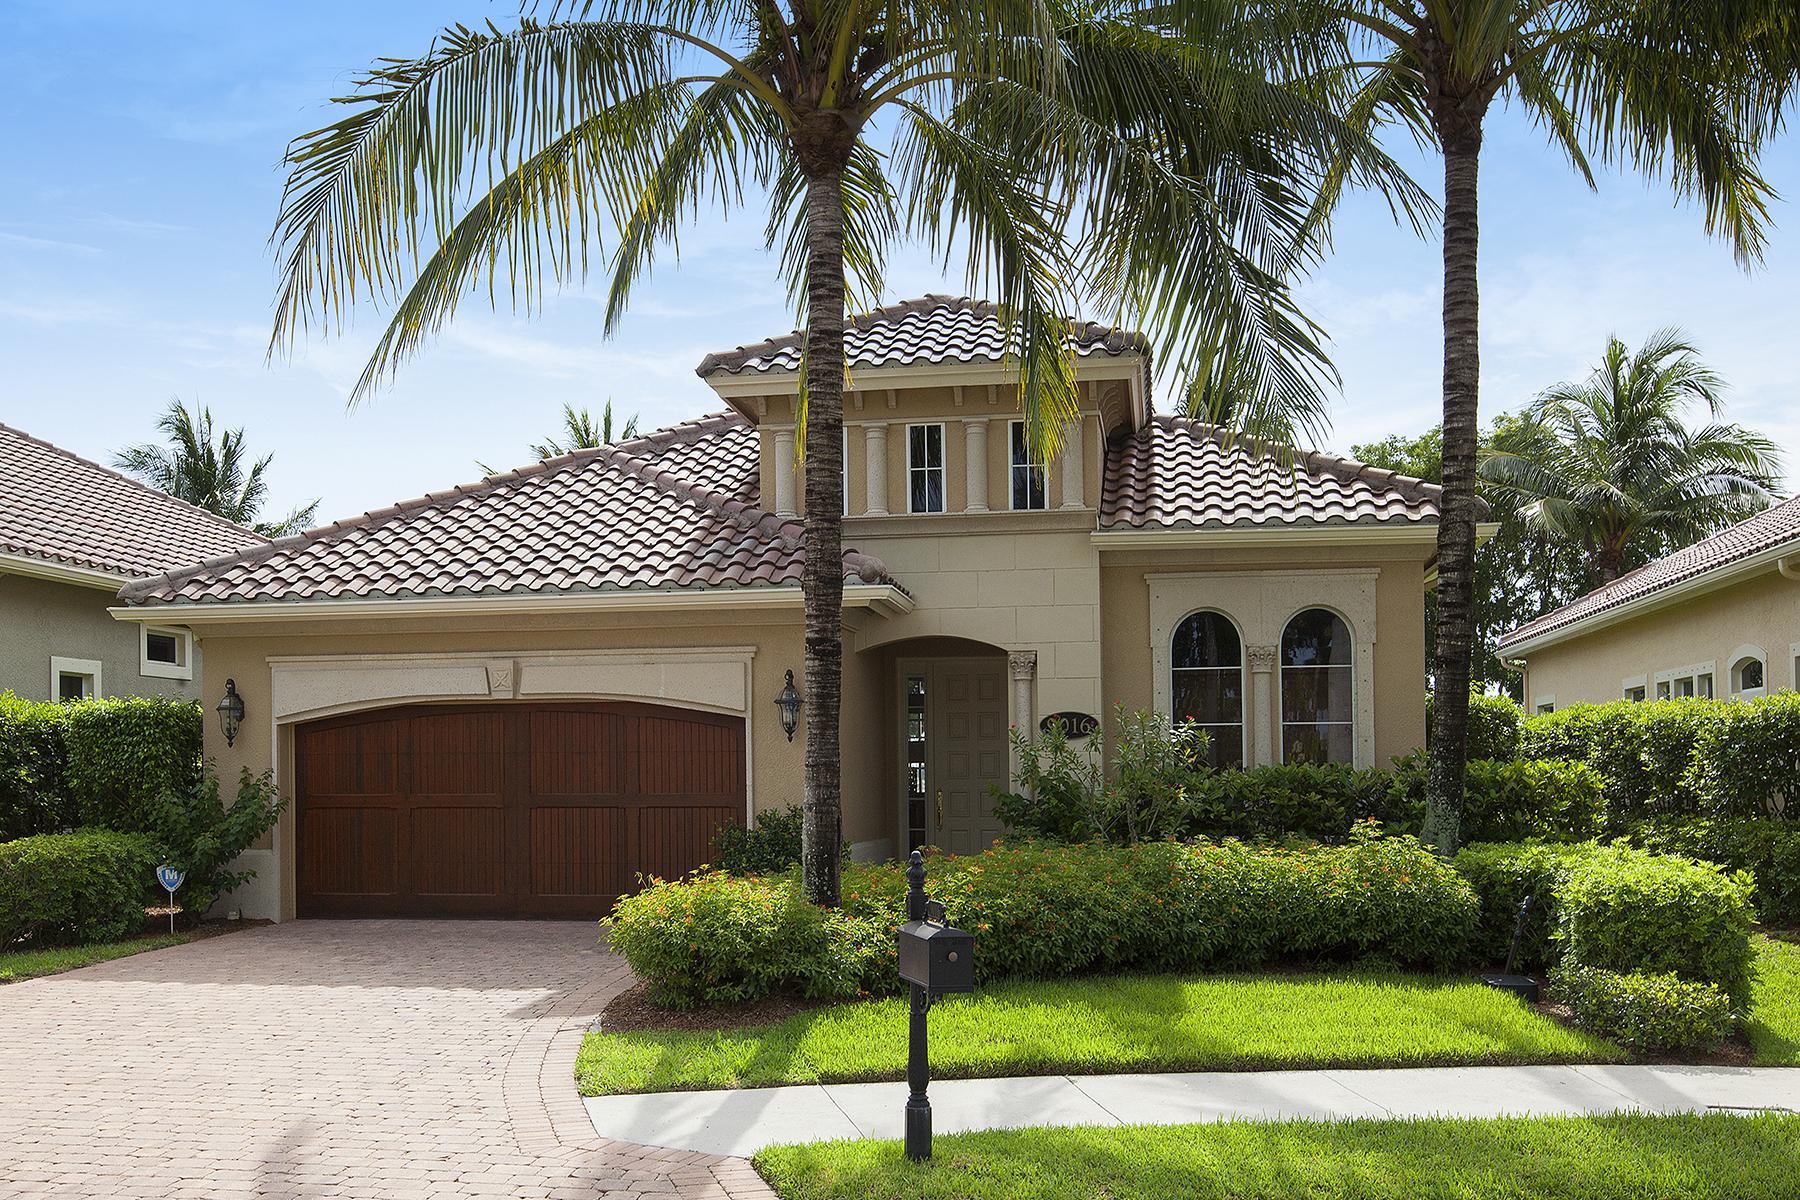 獨棟家庭住宅 為 出售 在 FIDDLER'S CREEK - CRANBERRY CROSSING 9016 Cherry Oaks Trl Naples, 佛羅里達州, 34114 美國